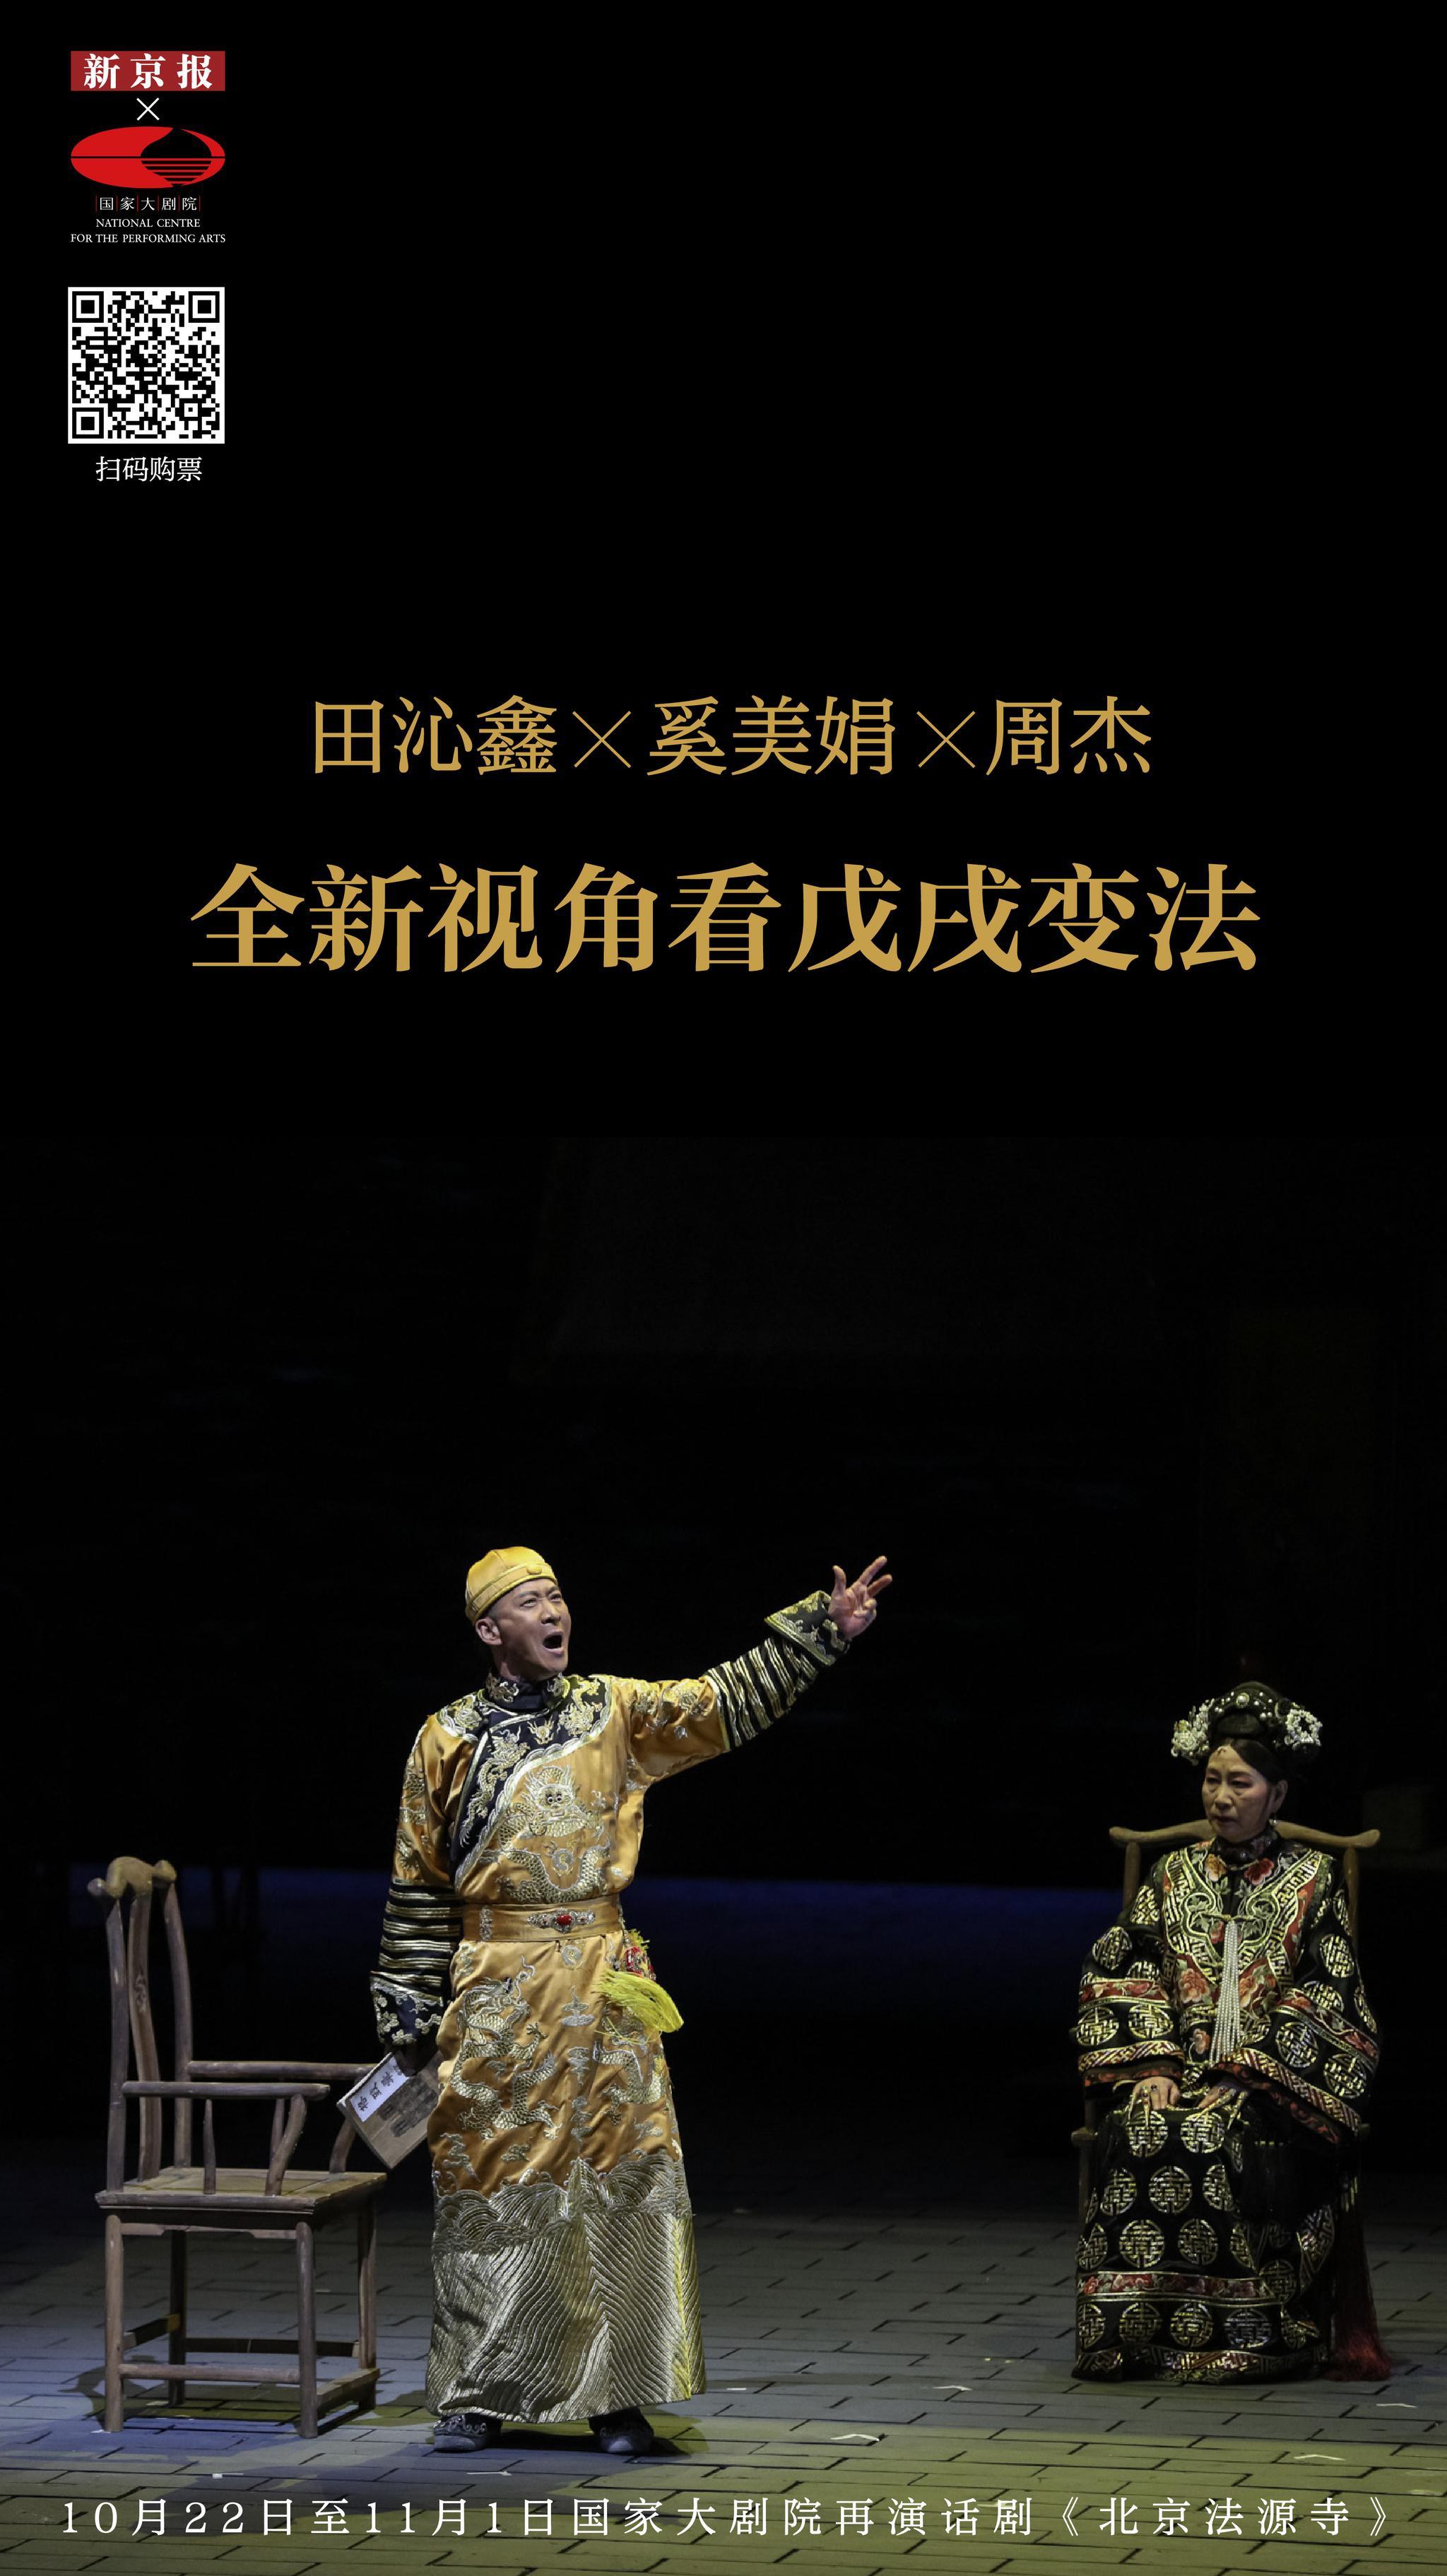 田沁鑫x奚美娟x周杰,《北京法源寺》归来 新京报×国家大剧院